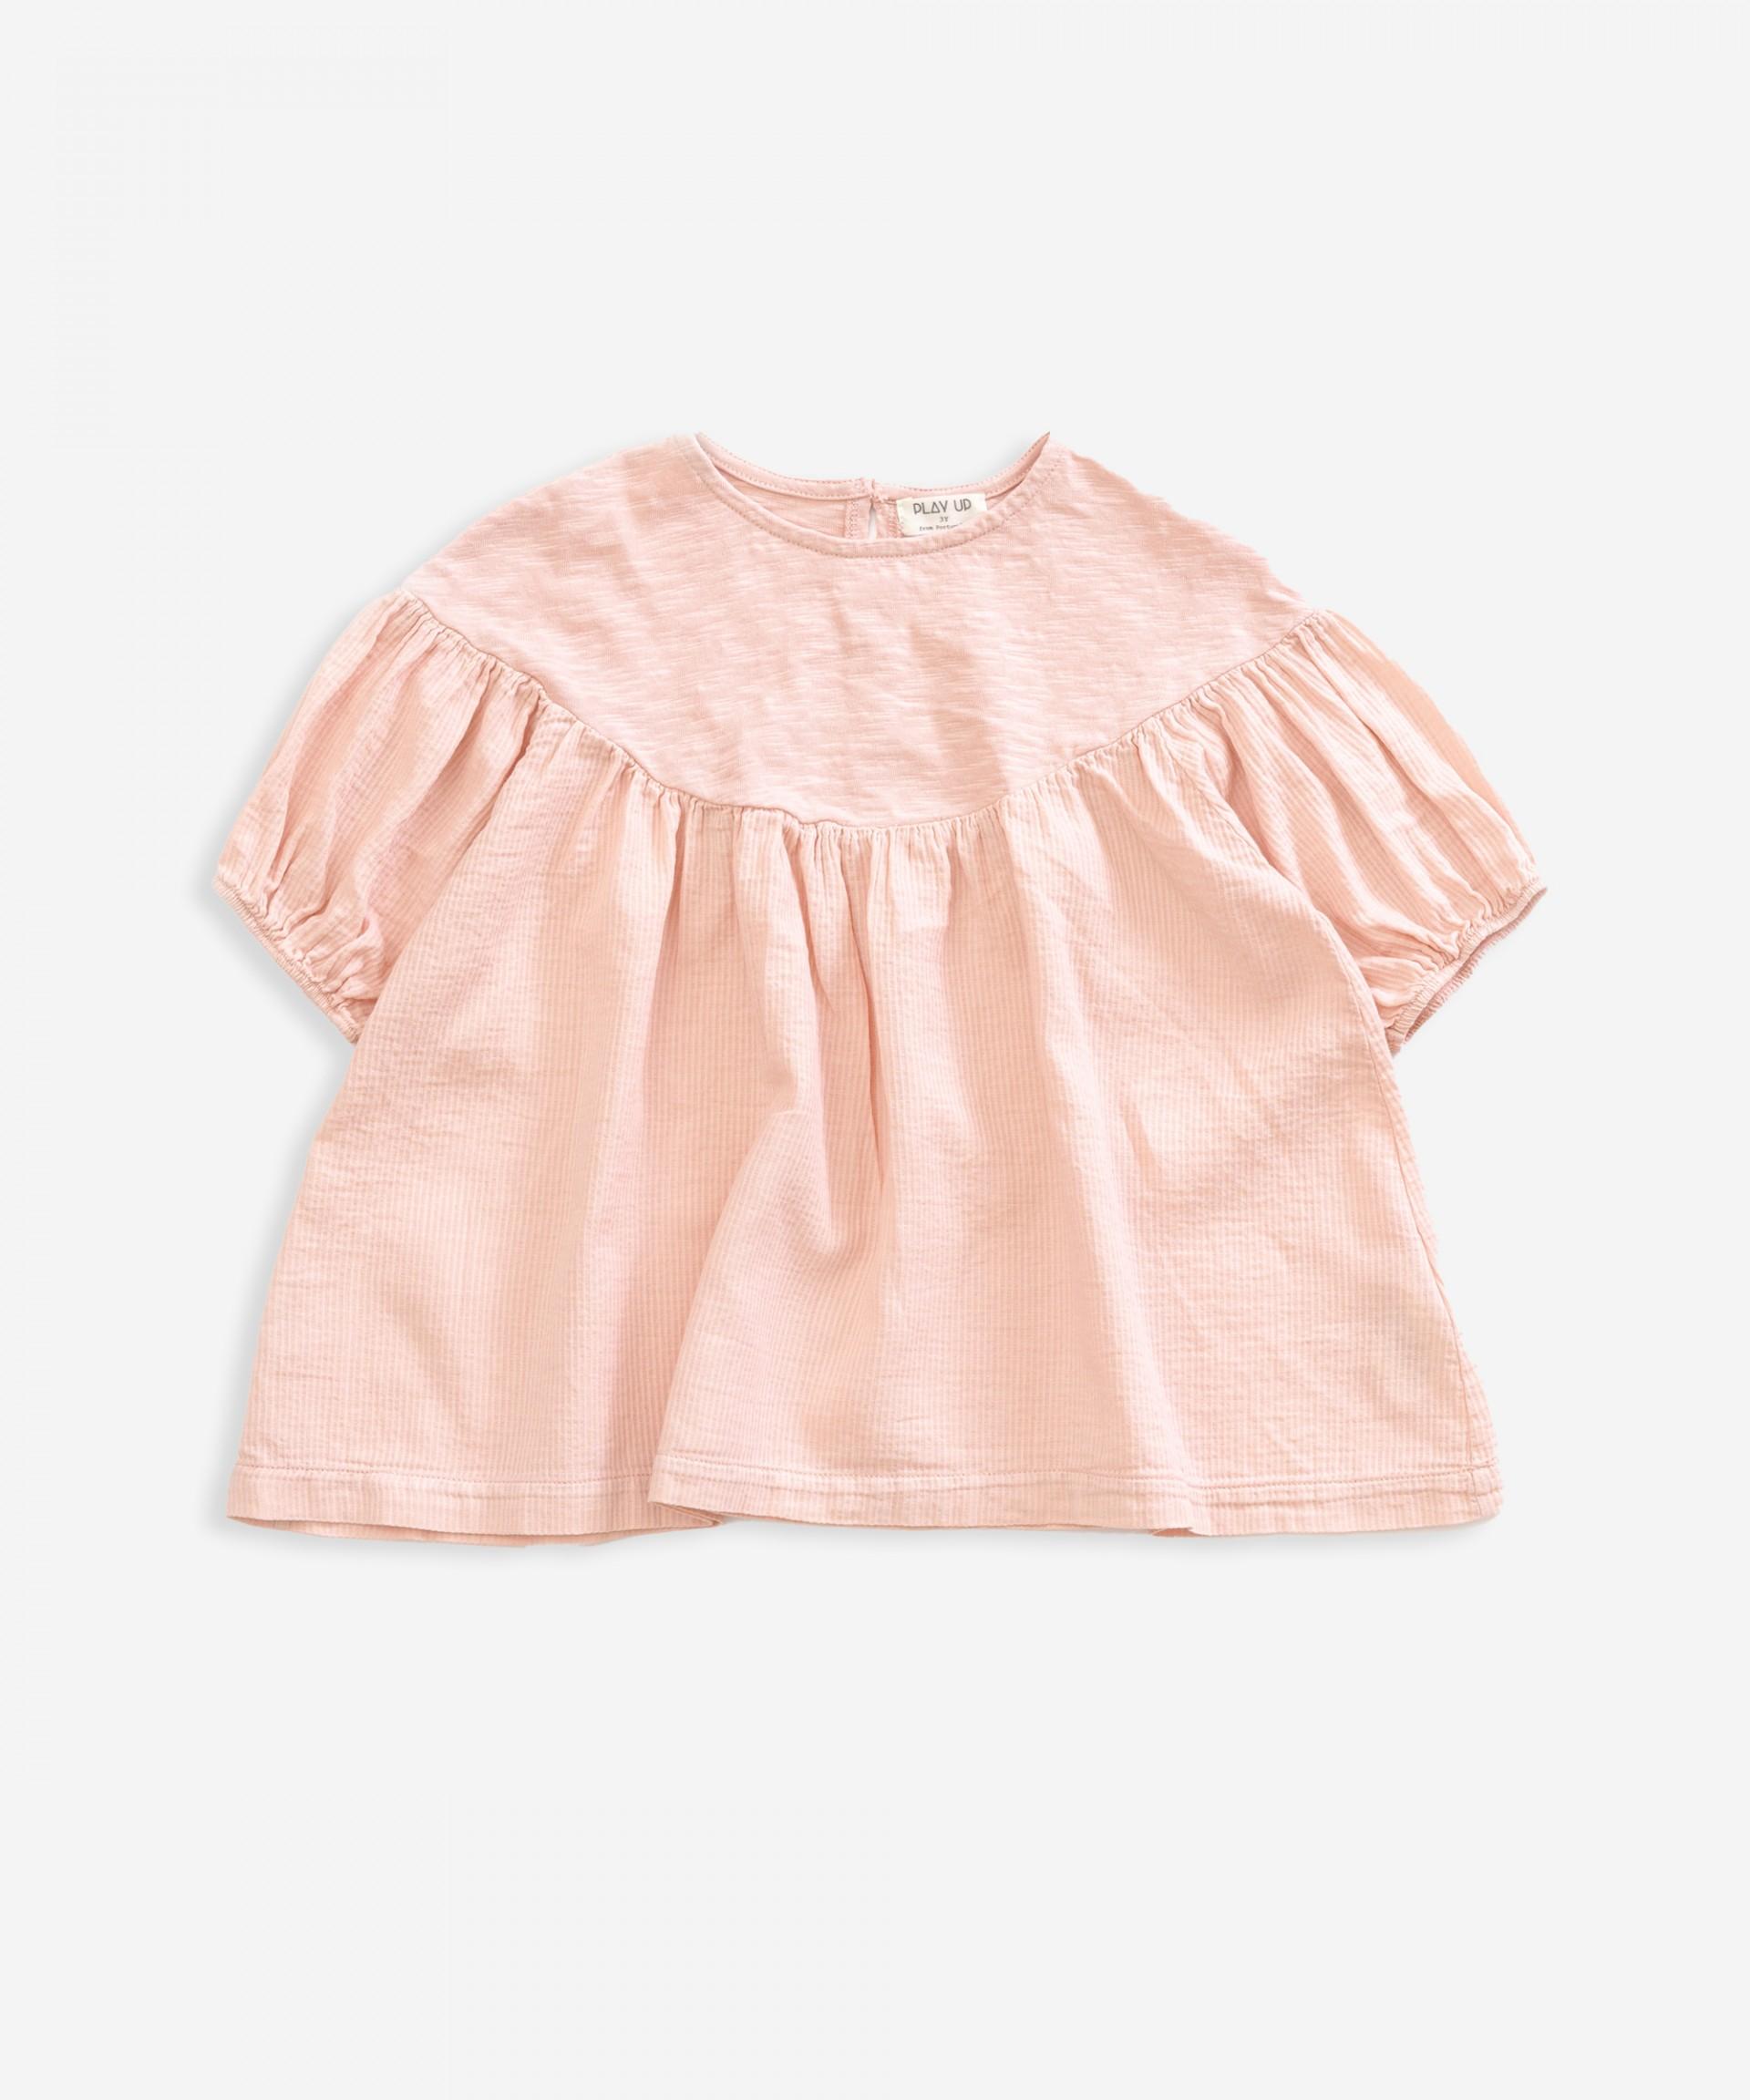 Short-sleeved tunic | Weaving | Weaving